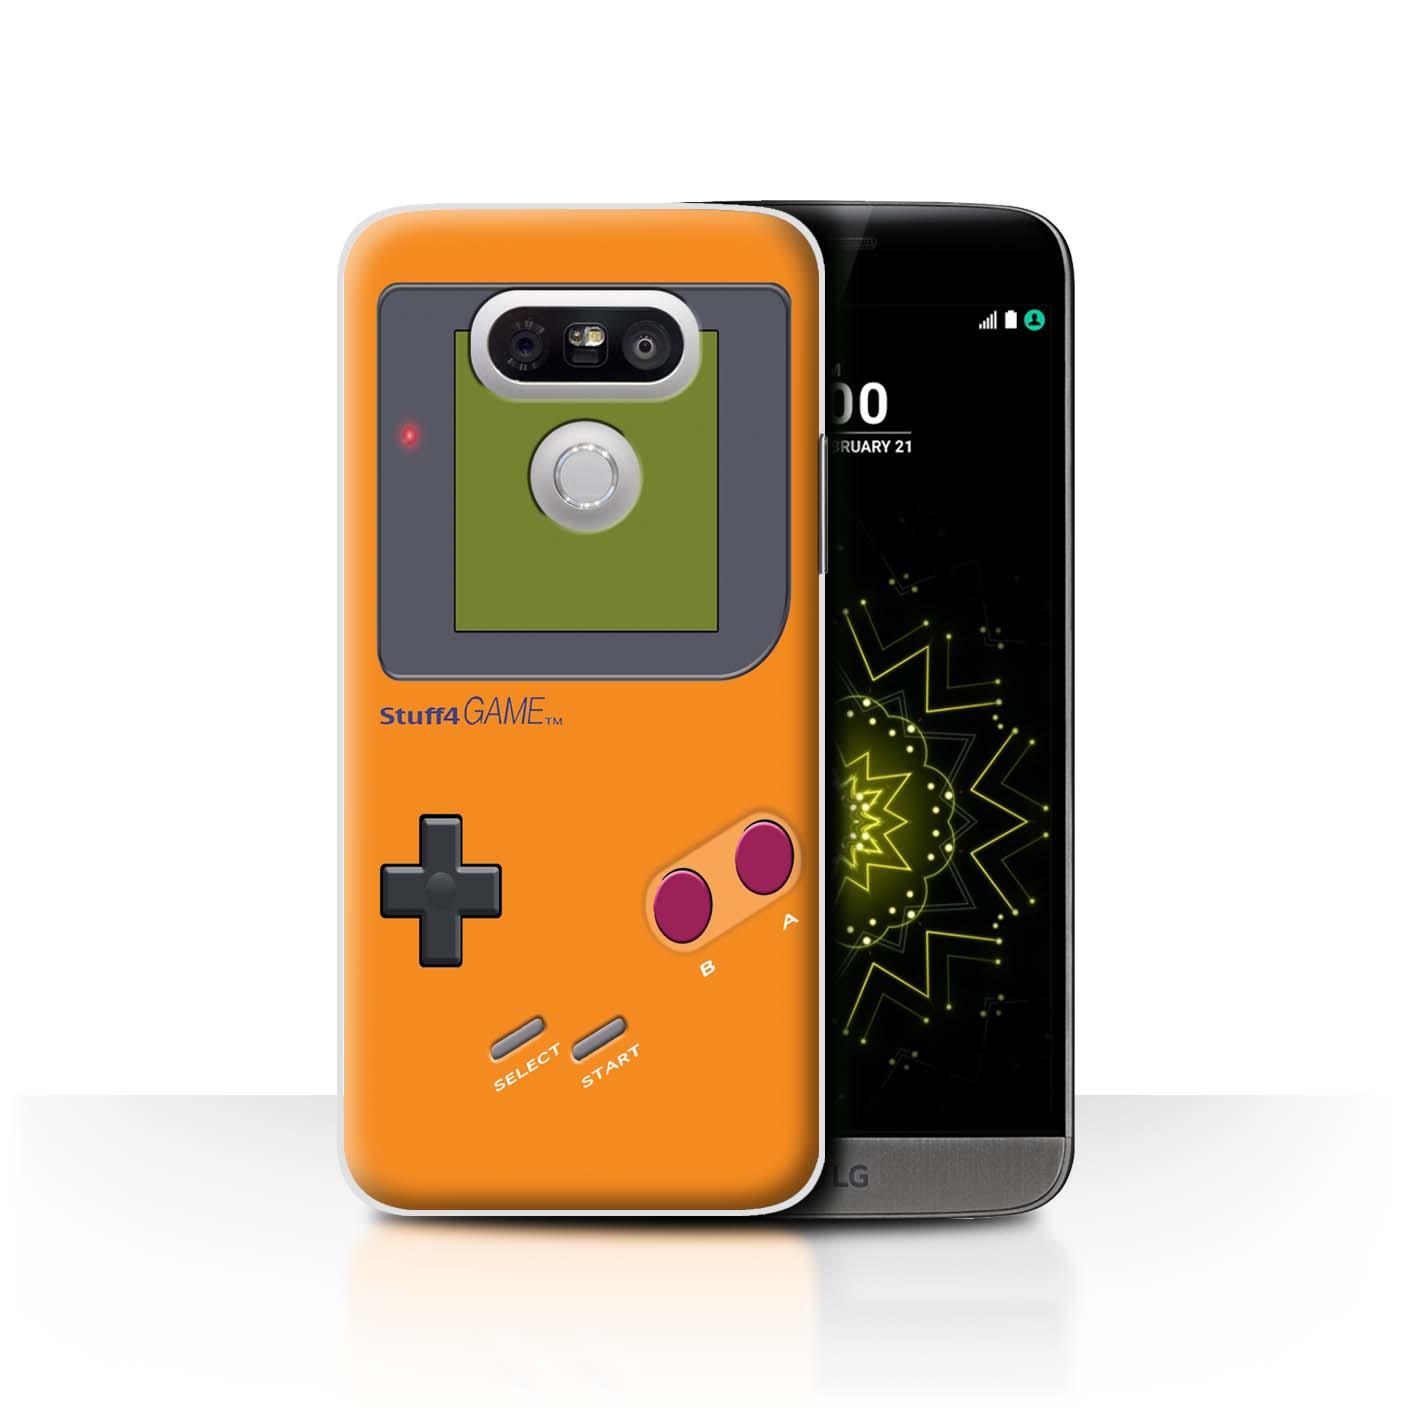 STUFF4-Back-Case-Cover-Skin-for-LG-G5-H850-H820-H830-Video-Gamer-Gameboy